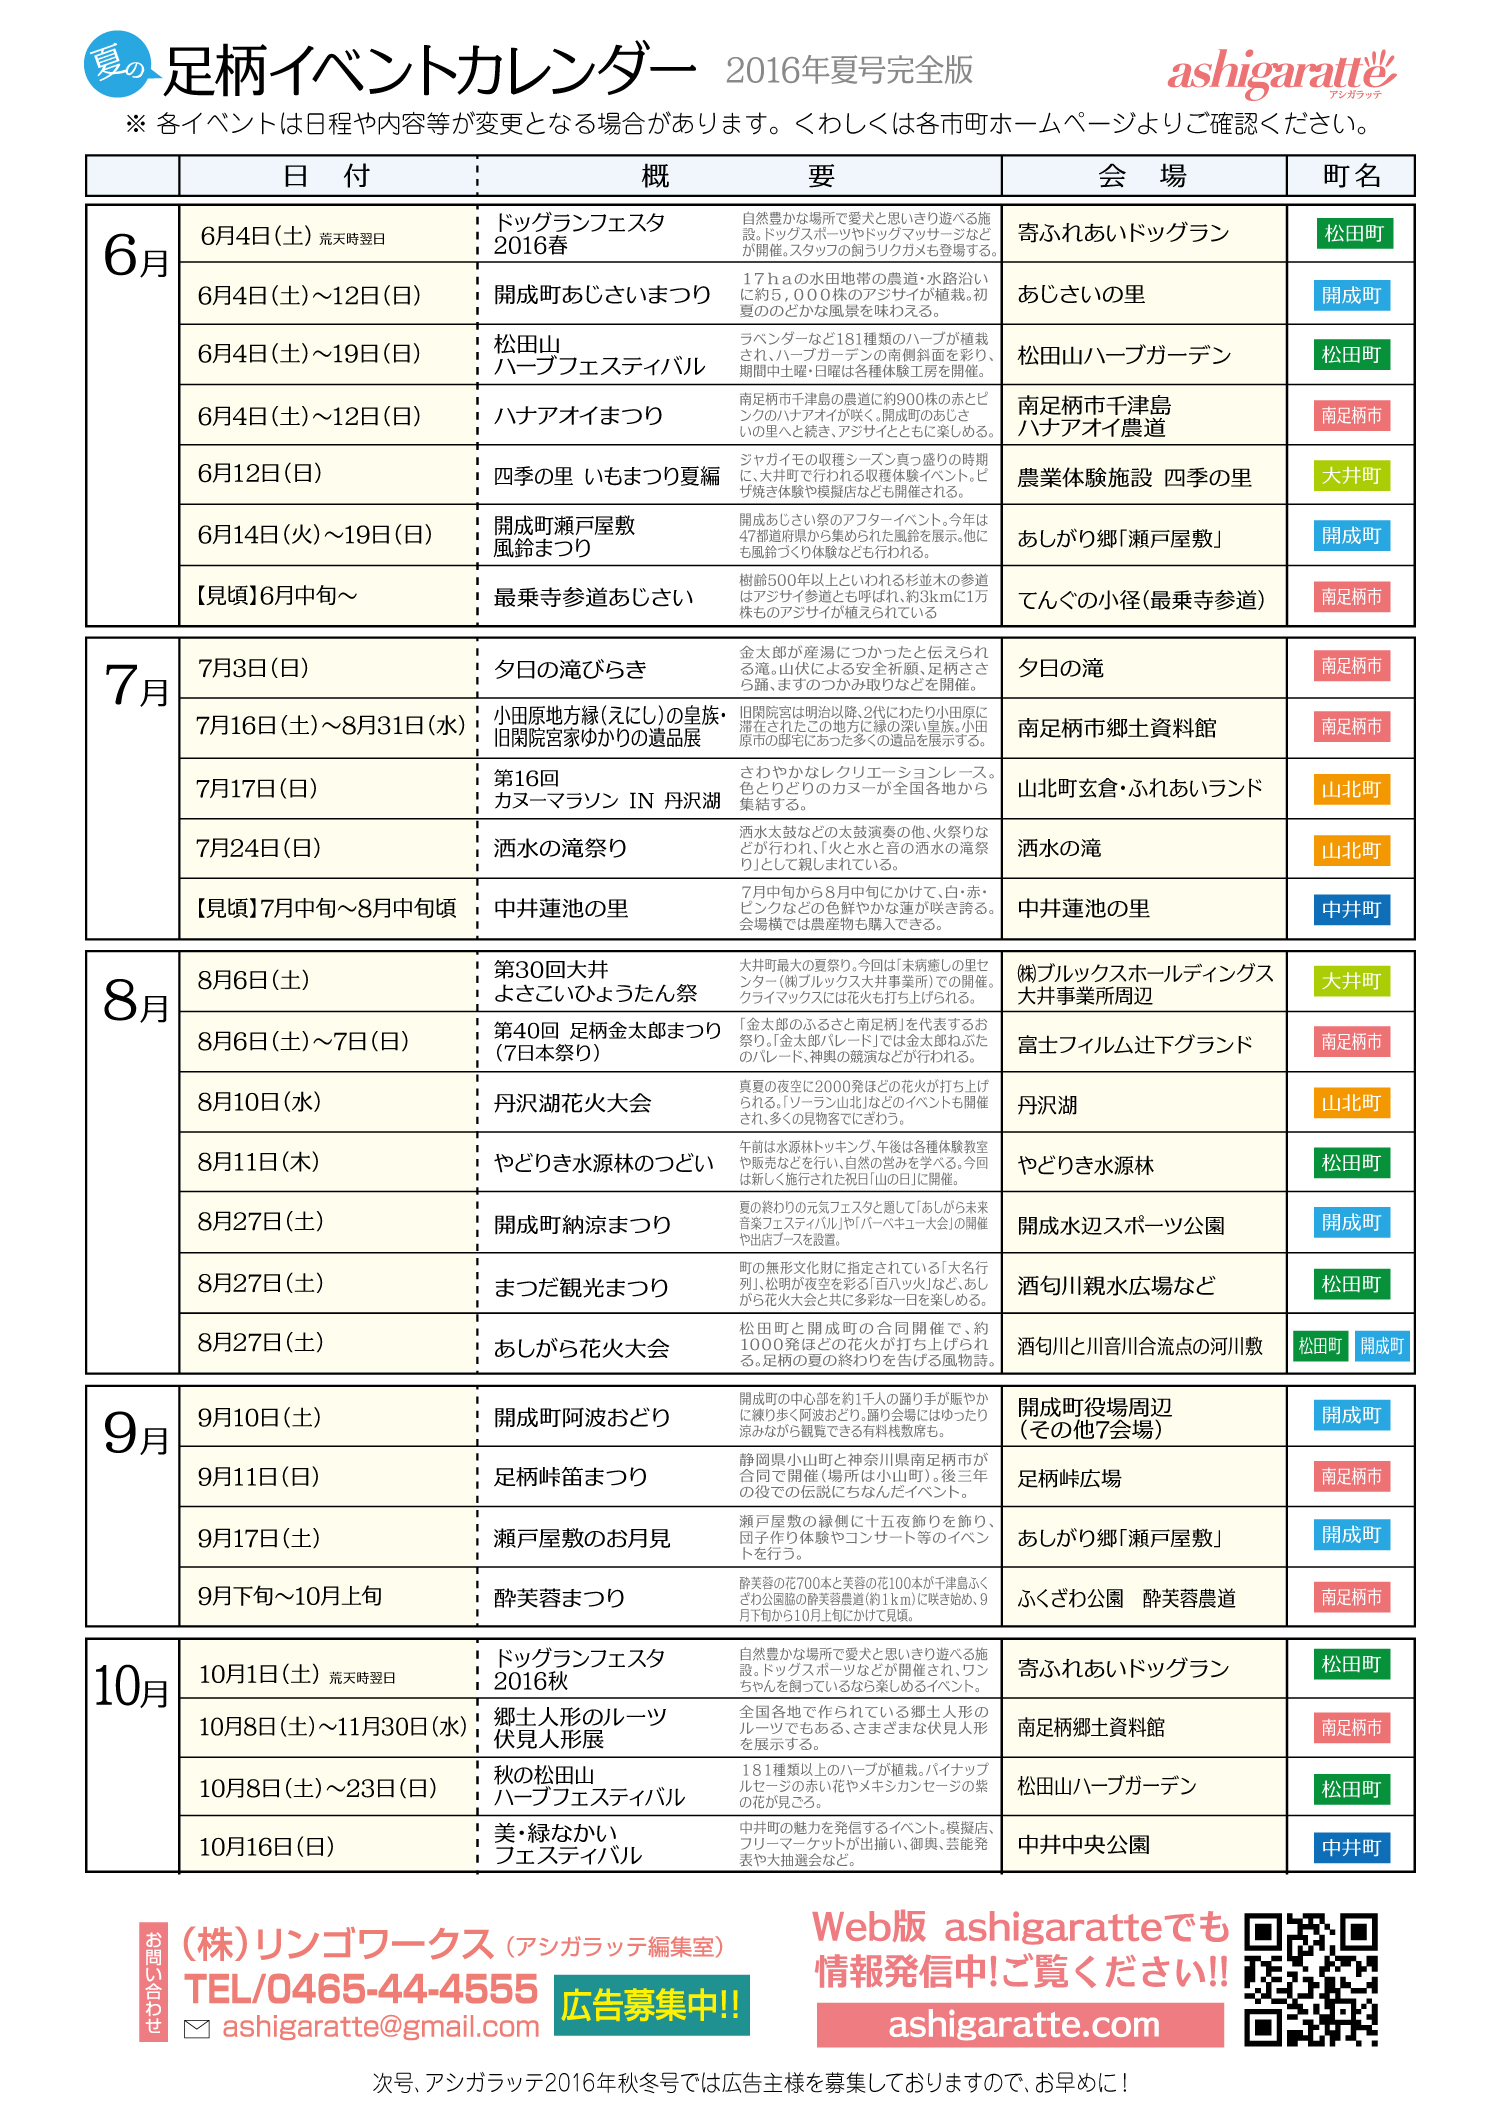 足柄イベントカレンダー2016夏_完全版6